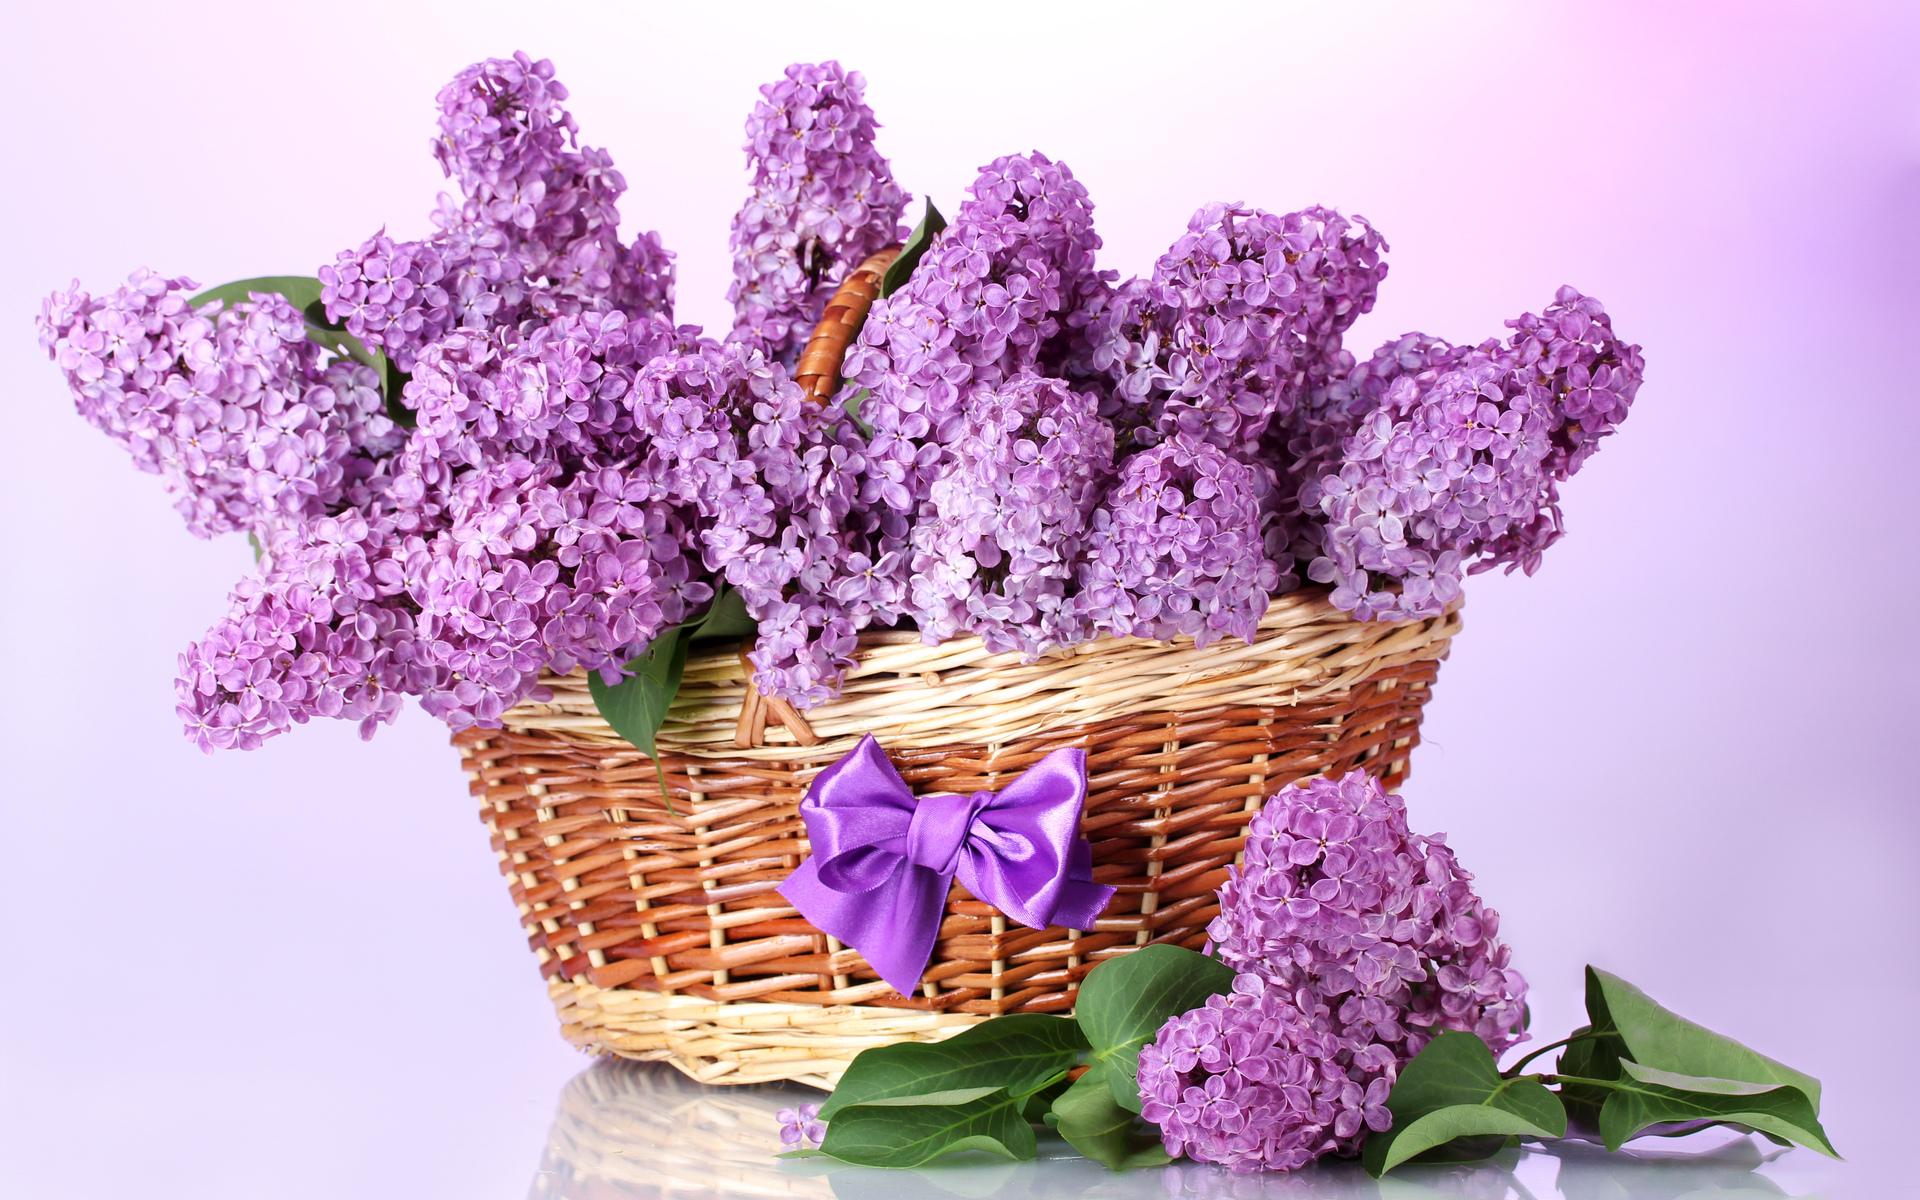 купить красивые фото с цветами весенние последнее время заметно